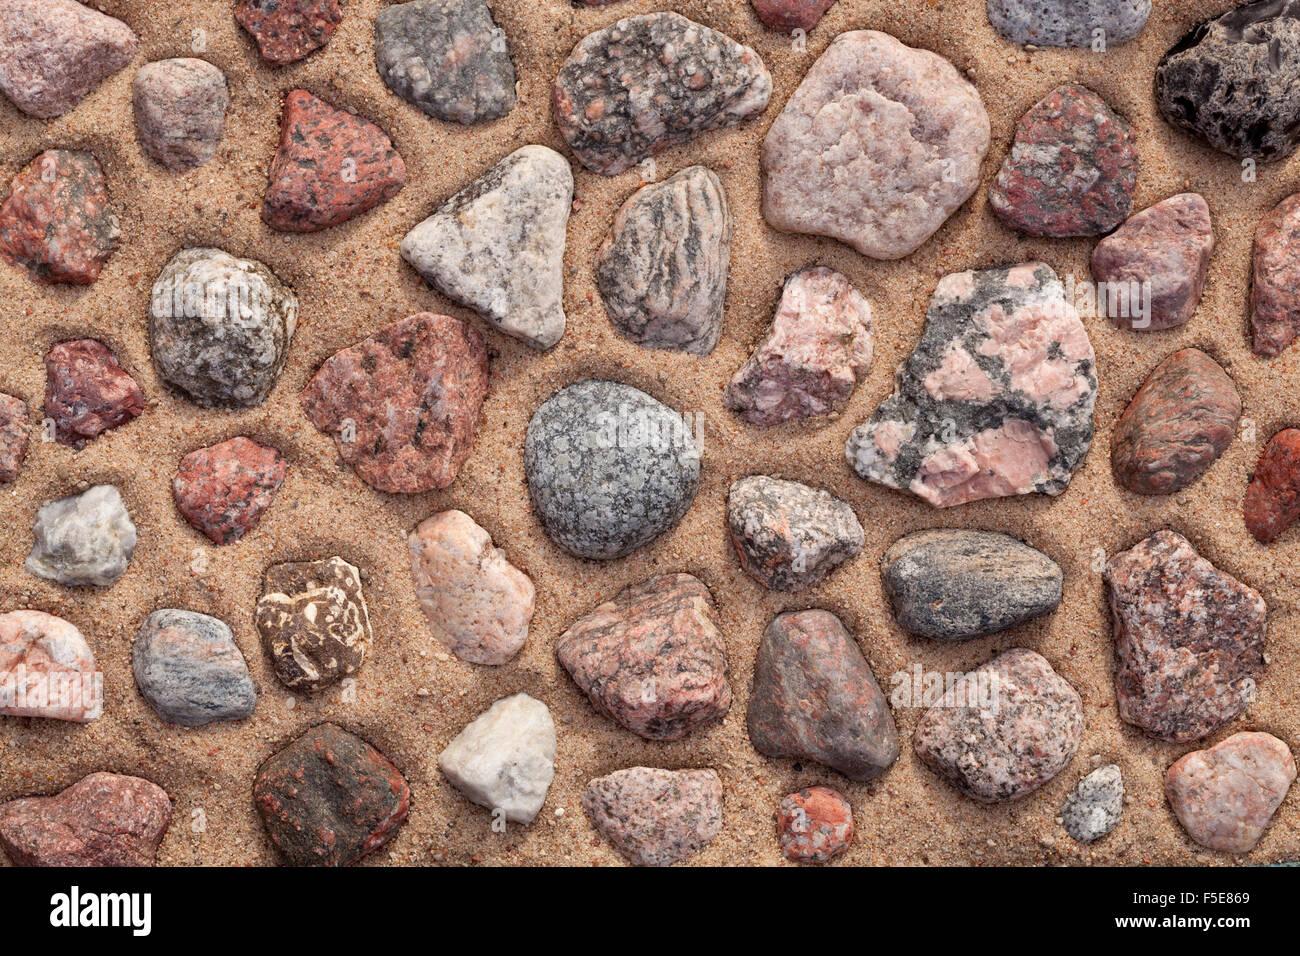 Pierres colorées sèches disposées sur du sable comme arrière-plan Photo Stock